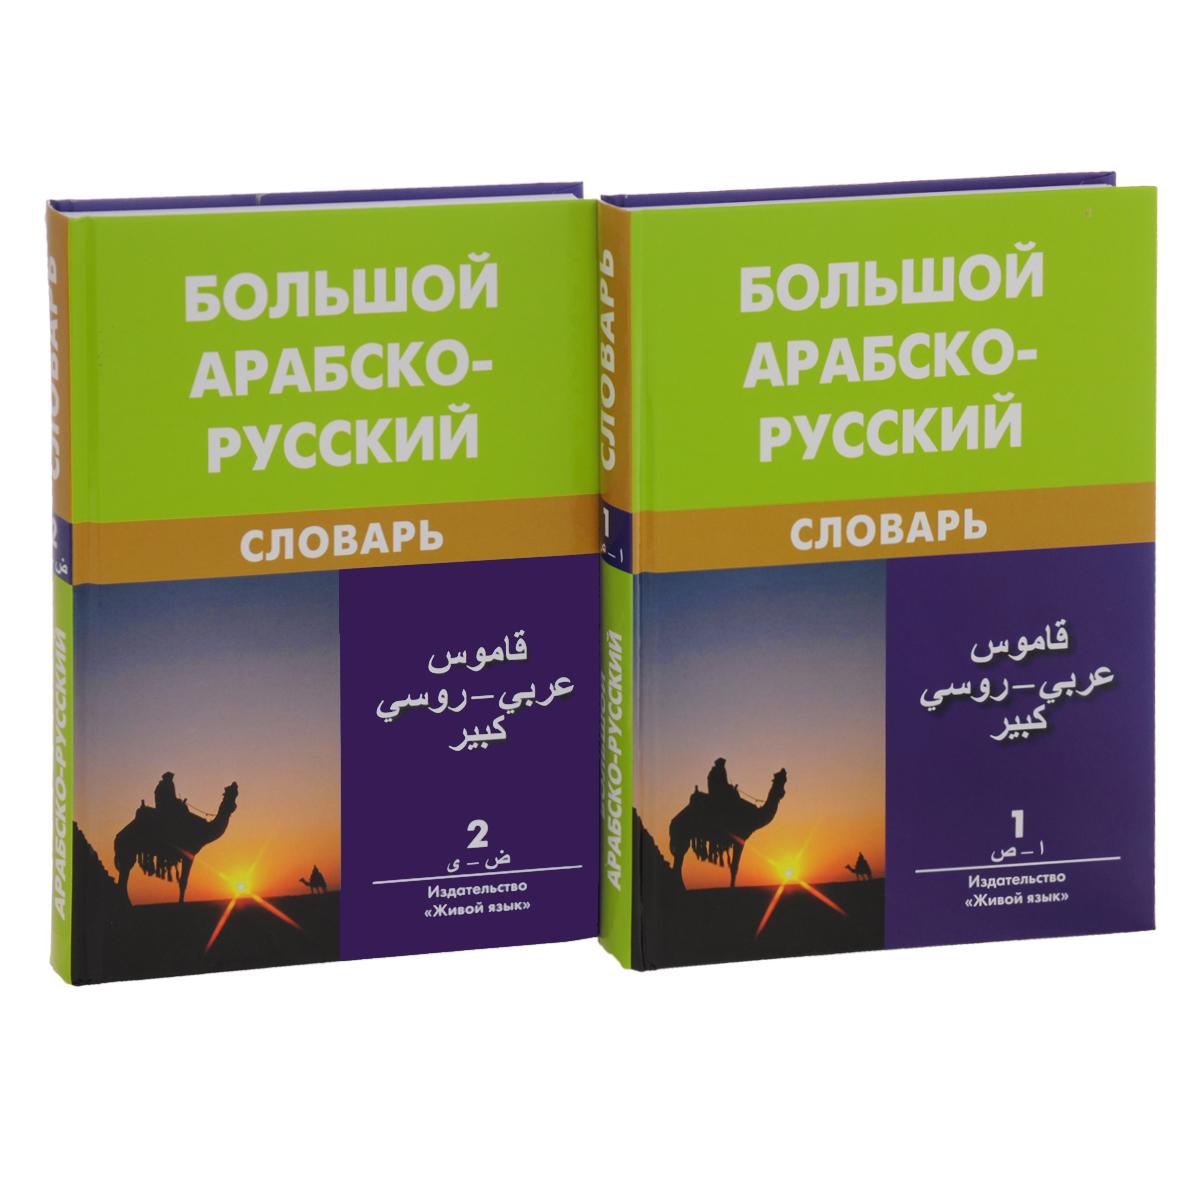 Большой арабско-русский словарь. В 2 томах (комплект)